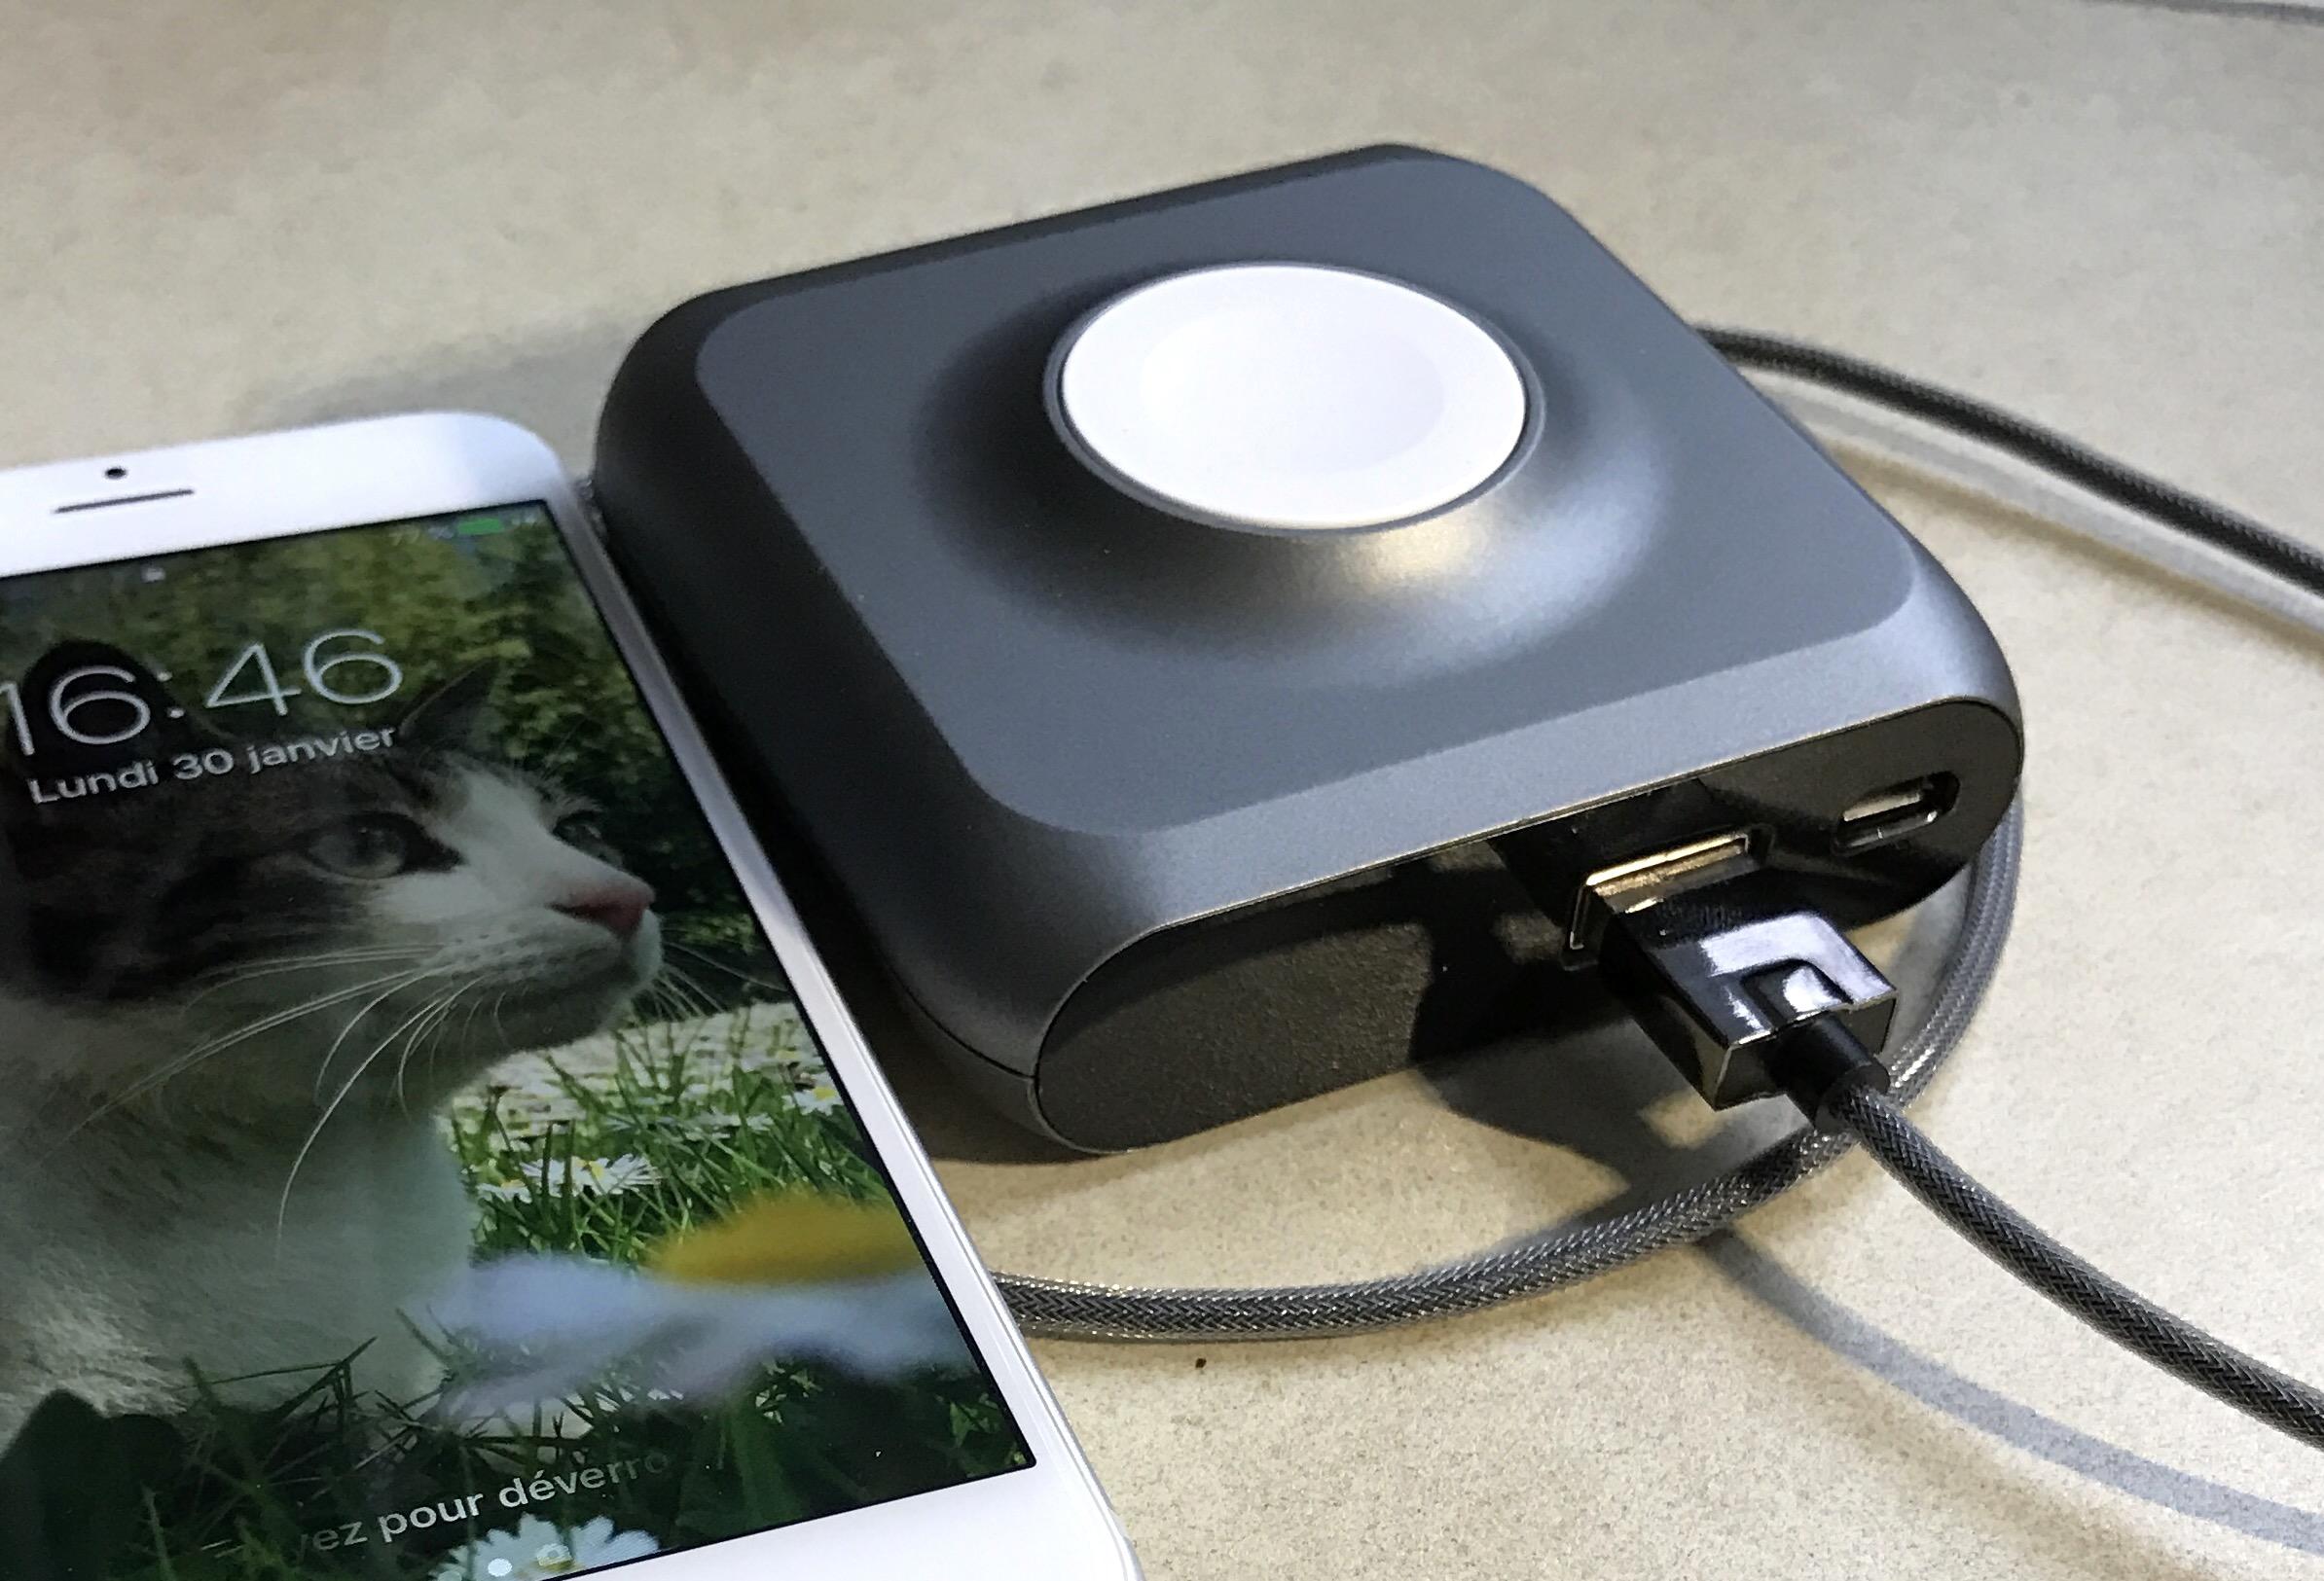 dossier comment choisir sa batterie de secours externe pour iphone ou ipad iphone x 8 ipad. Black Bedroom Furniture Sets. Home Design Ideas